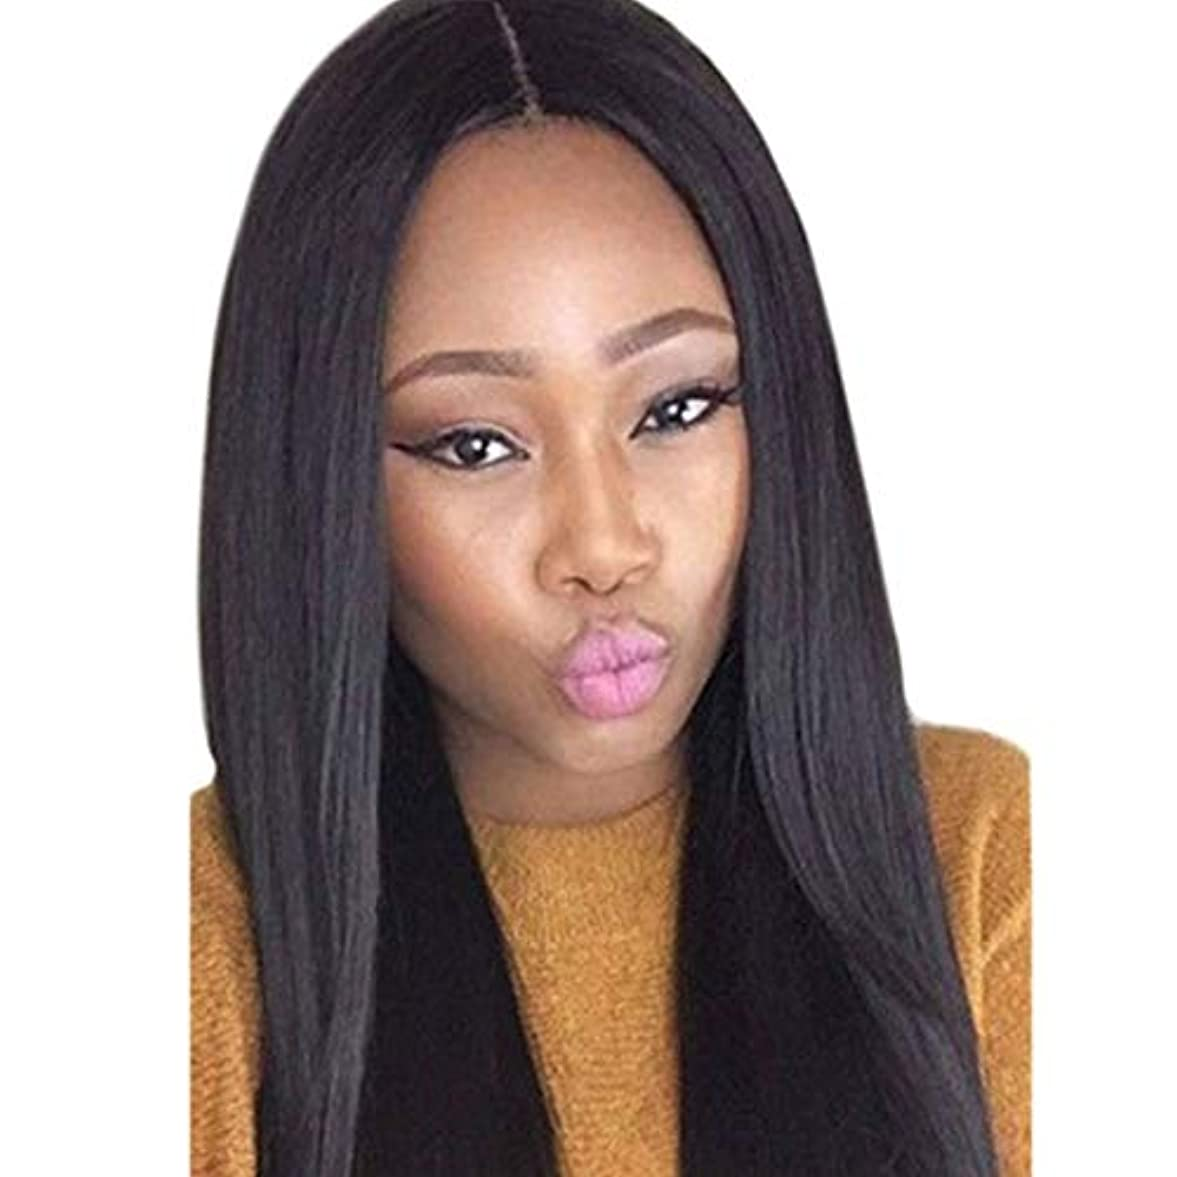 硬さ建てる出くわすKerwinner 女性のための長いストレートヘアウィッグシルキーロングストレートブラックウィッグ耐熱合成かつら